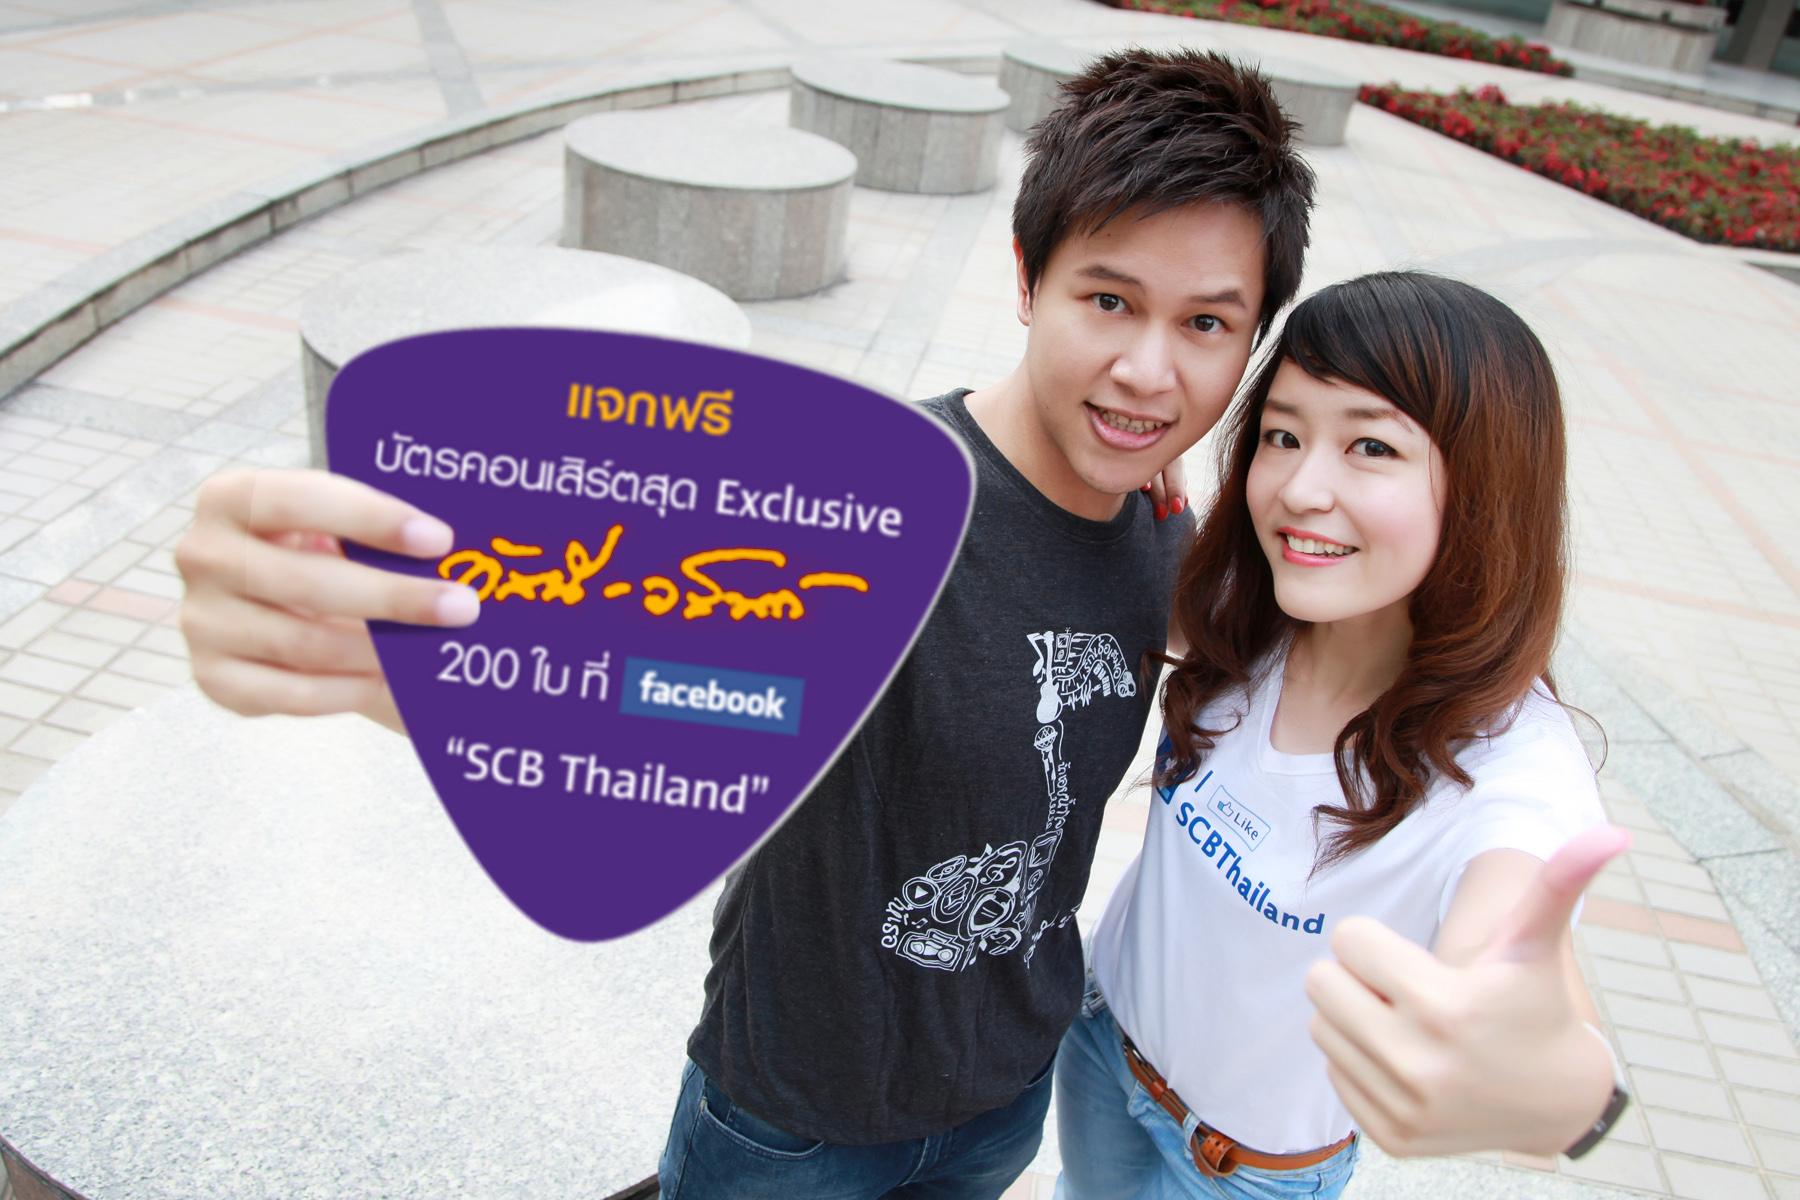 """ร่วมกิจกรรมกับ Facebook  """"SCB Thailand""""   ลุ้นรับบัตรคอนเสิร์ต  """"อัสนี – วสันต์"""""""